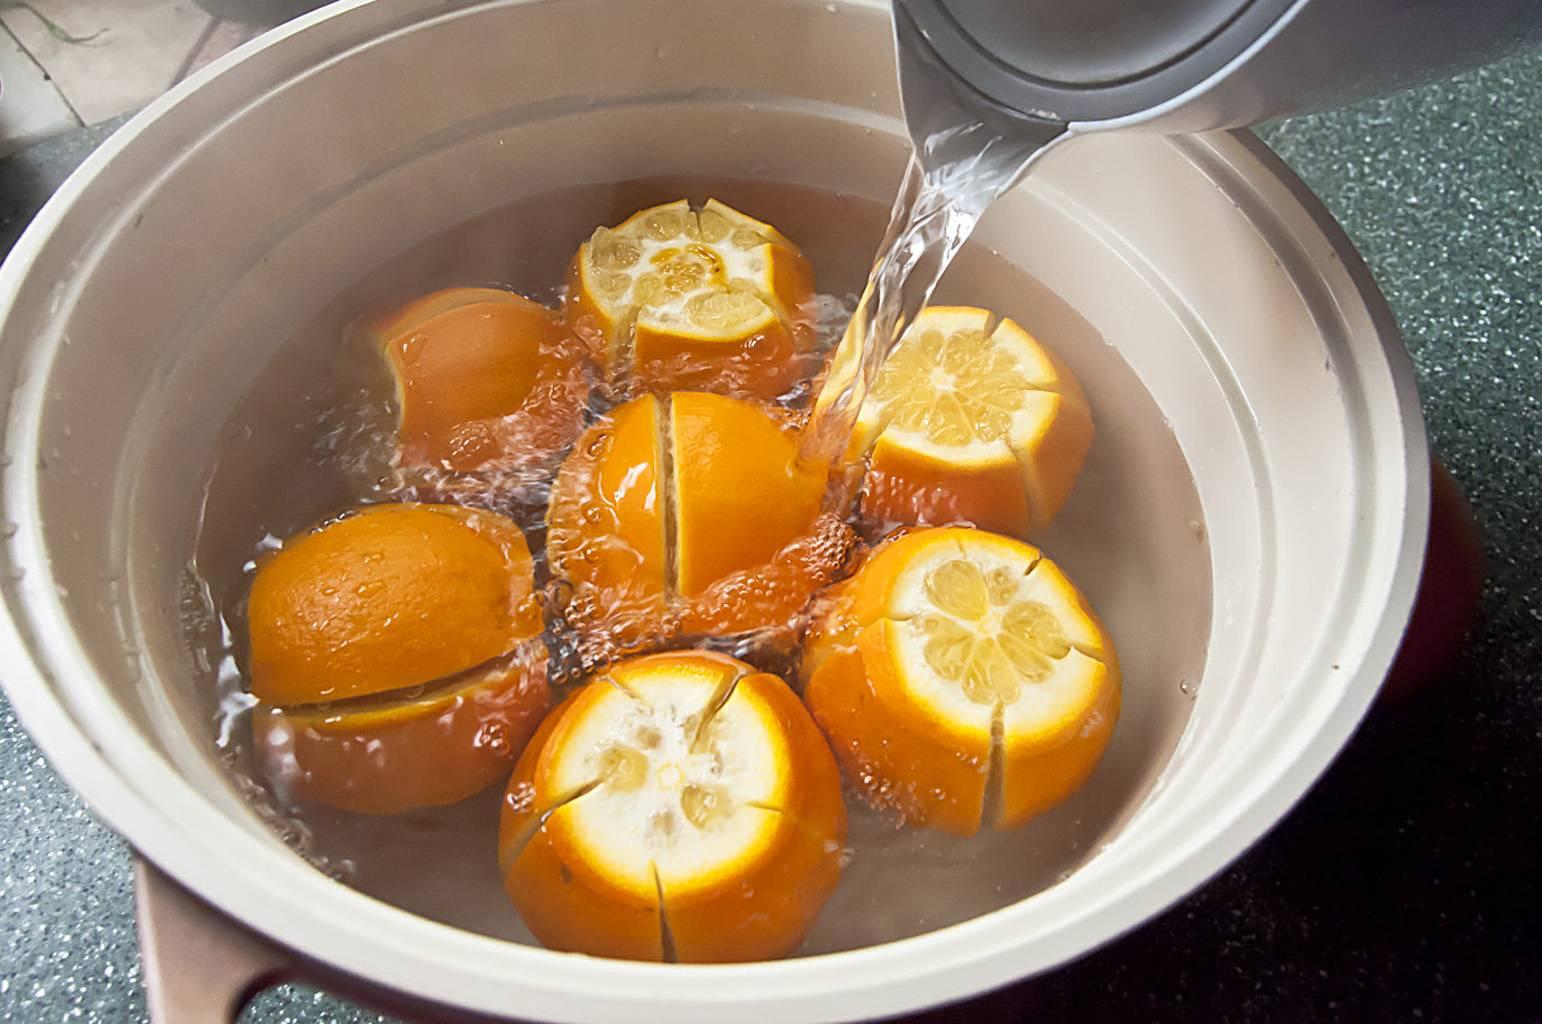 Мандарины чистят сосуды, печень и ровняют инсулин: всё о пользе нг цитруса